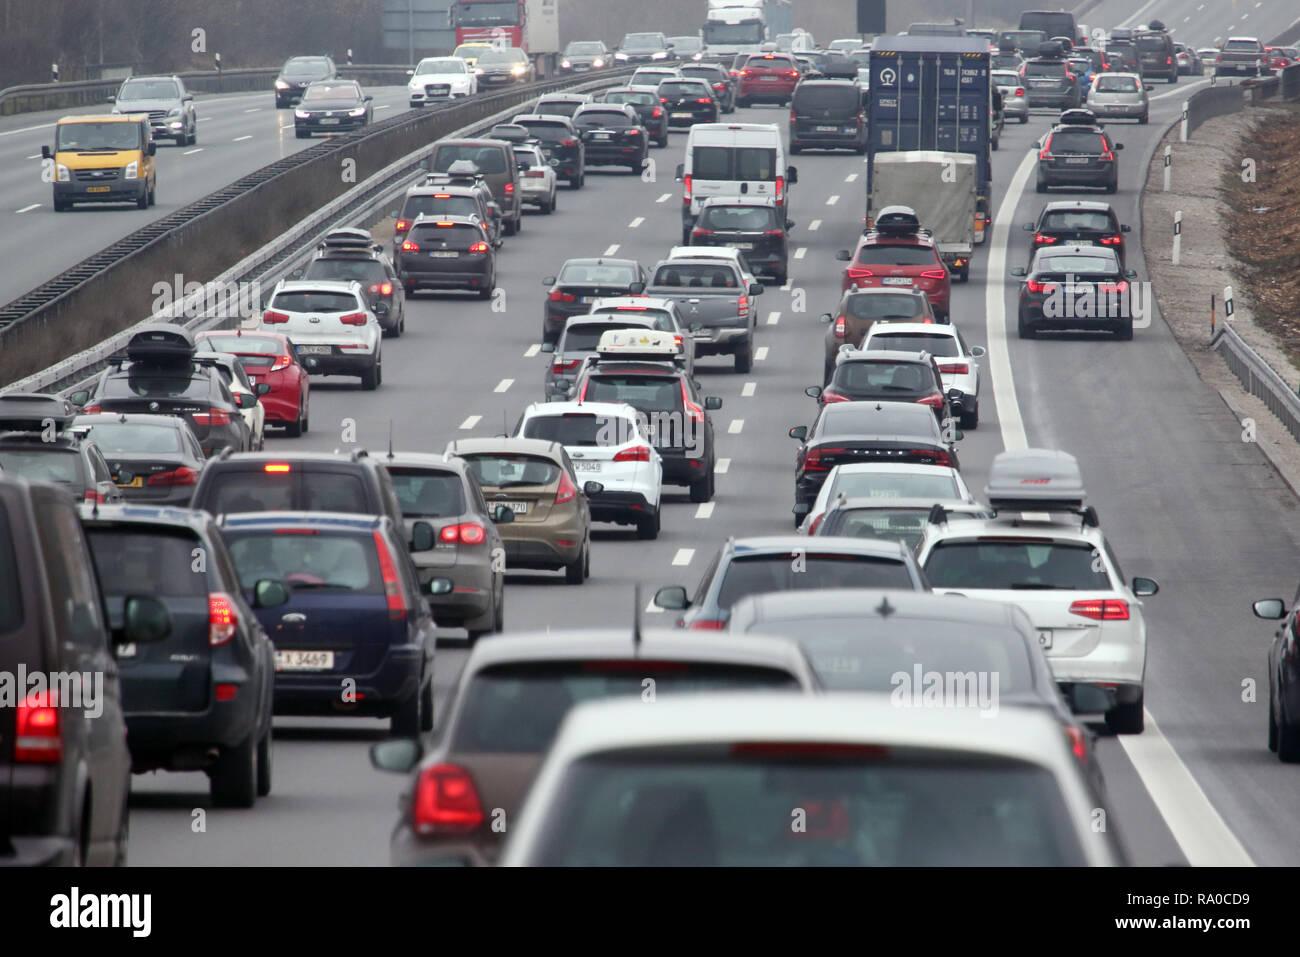 10.02.2018, Bayern, Allersberg, Deutschland, Seitenstreifen der A9 wurde wegen hohen Verkehrsaufkommens fuer den Verkehr freigegeben. 00S180210D110CAR Stock Photo